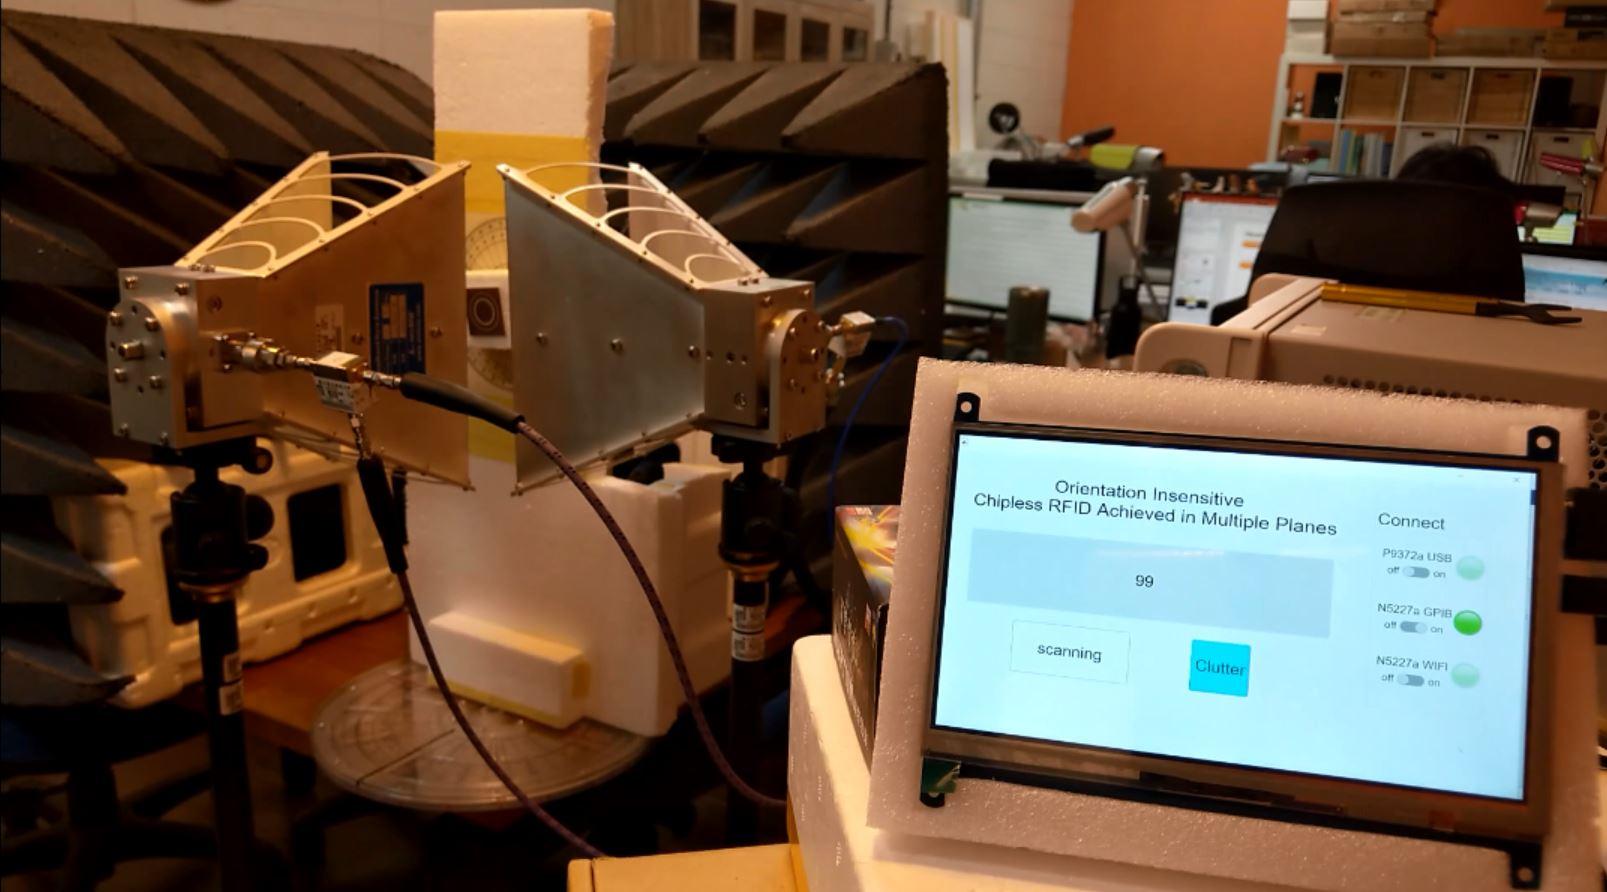 突破物聯網的最後一哩:無晶片射頻辨識